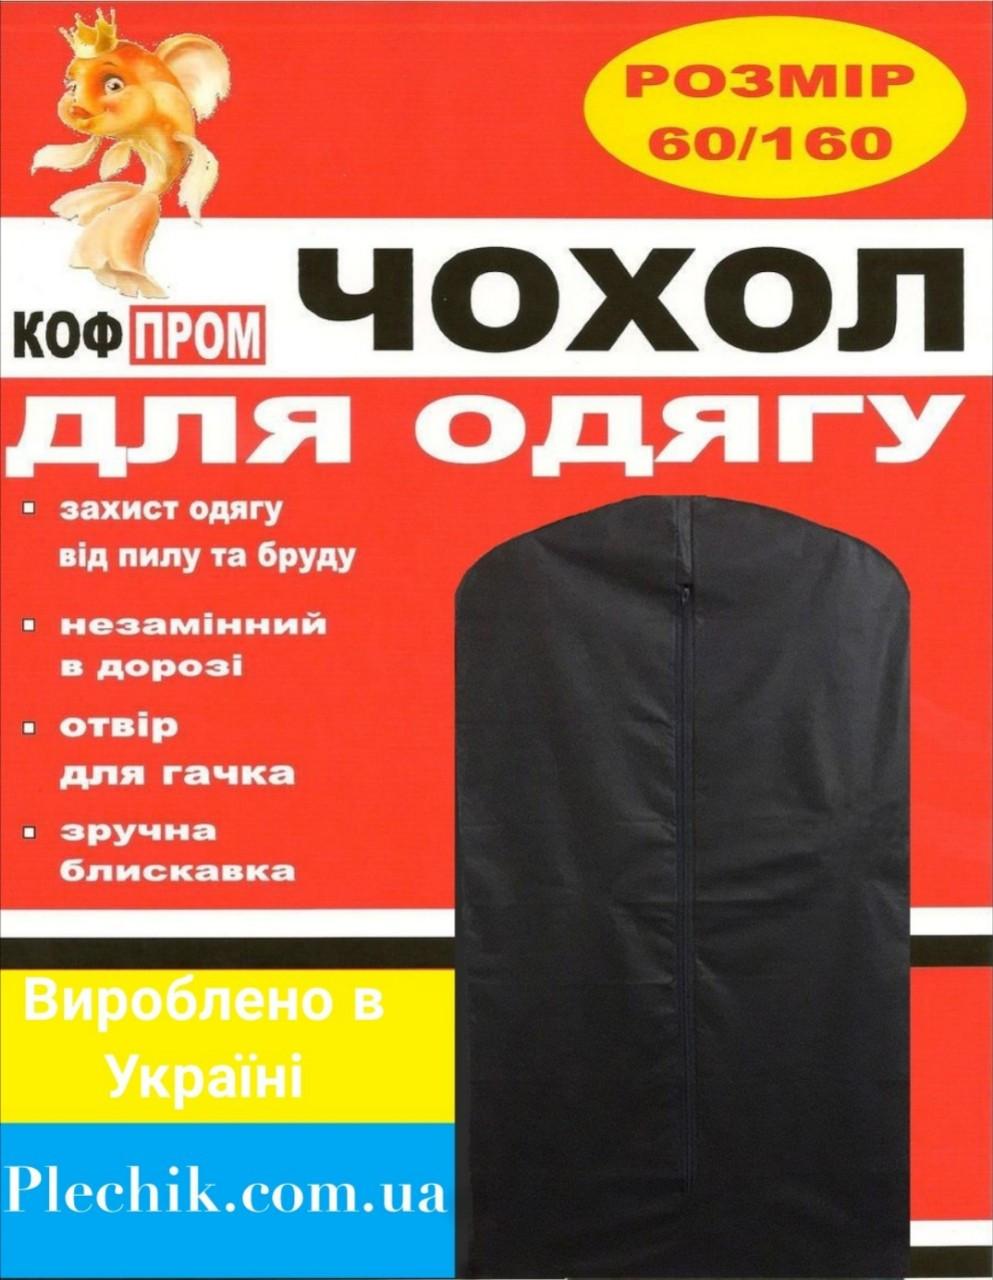 Чехол для хранения одежды флизелиновый на молнии коричневого цвета, размер 60*160 см